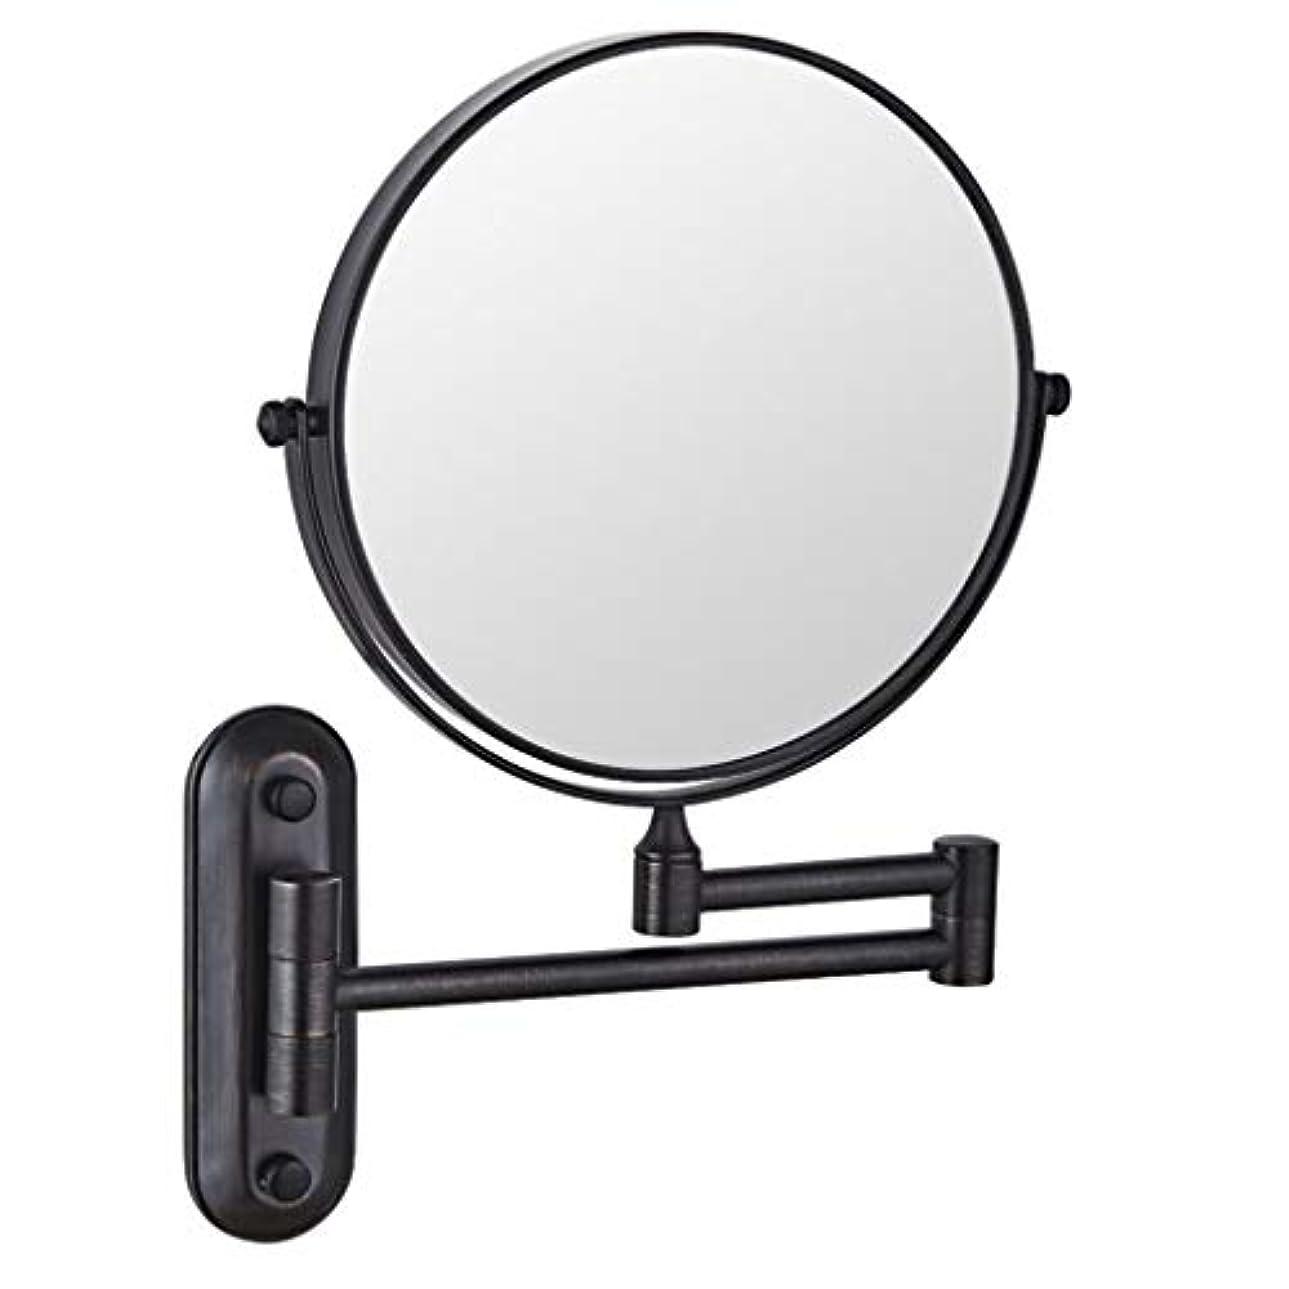 消費する腕海賊HUYYA シェービングミラー バスルームメイクアップミラー 壁付、バニティミラー 6インチ両面 化粧鏡 360度回転 丸め 寝室や浴室に適しています,Black_3x